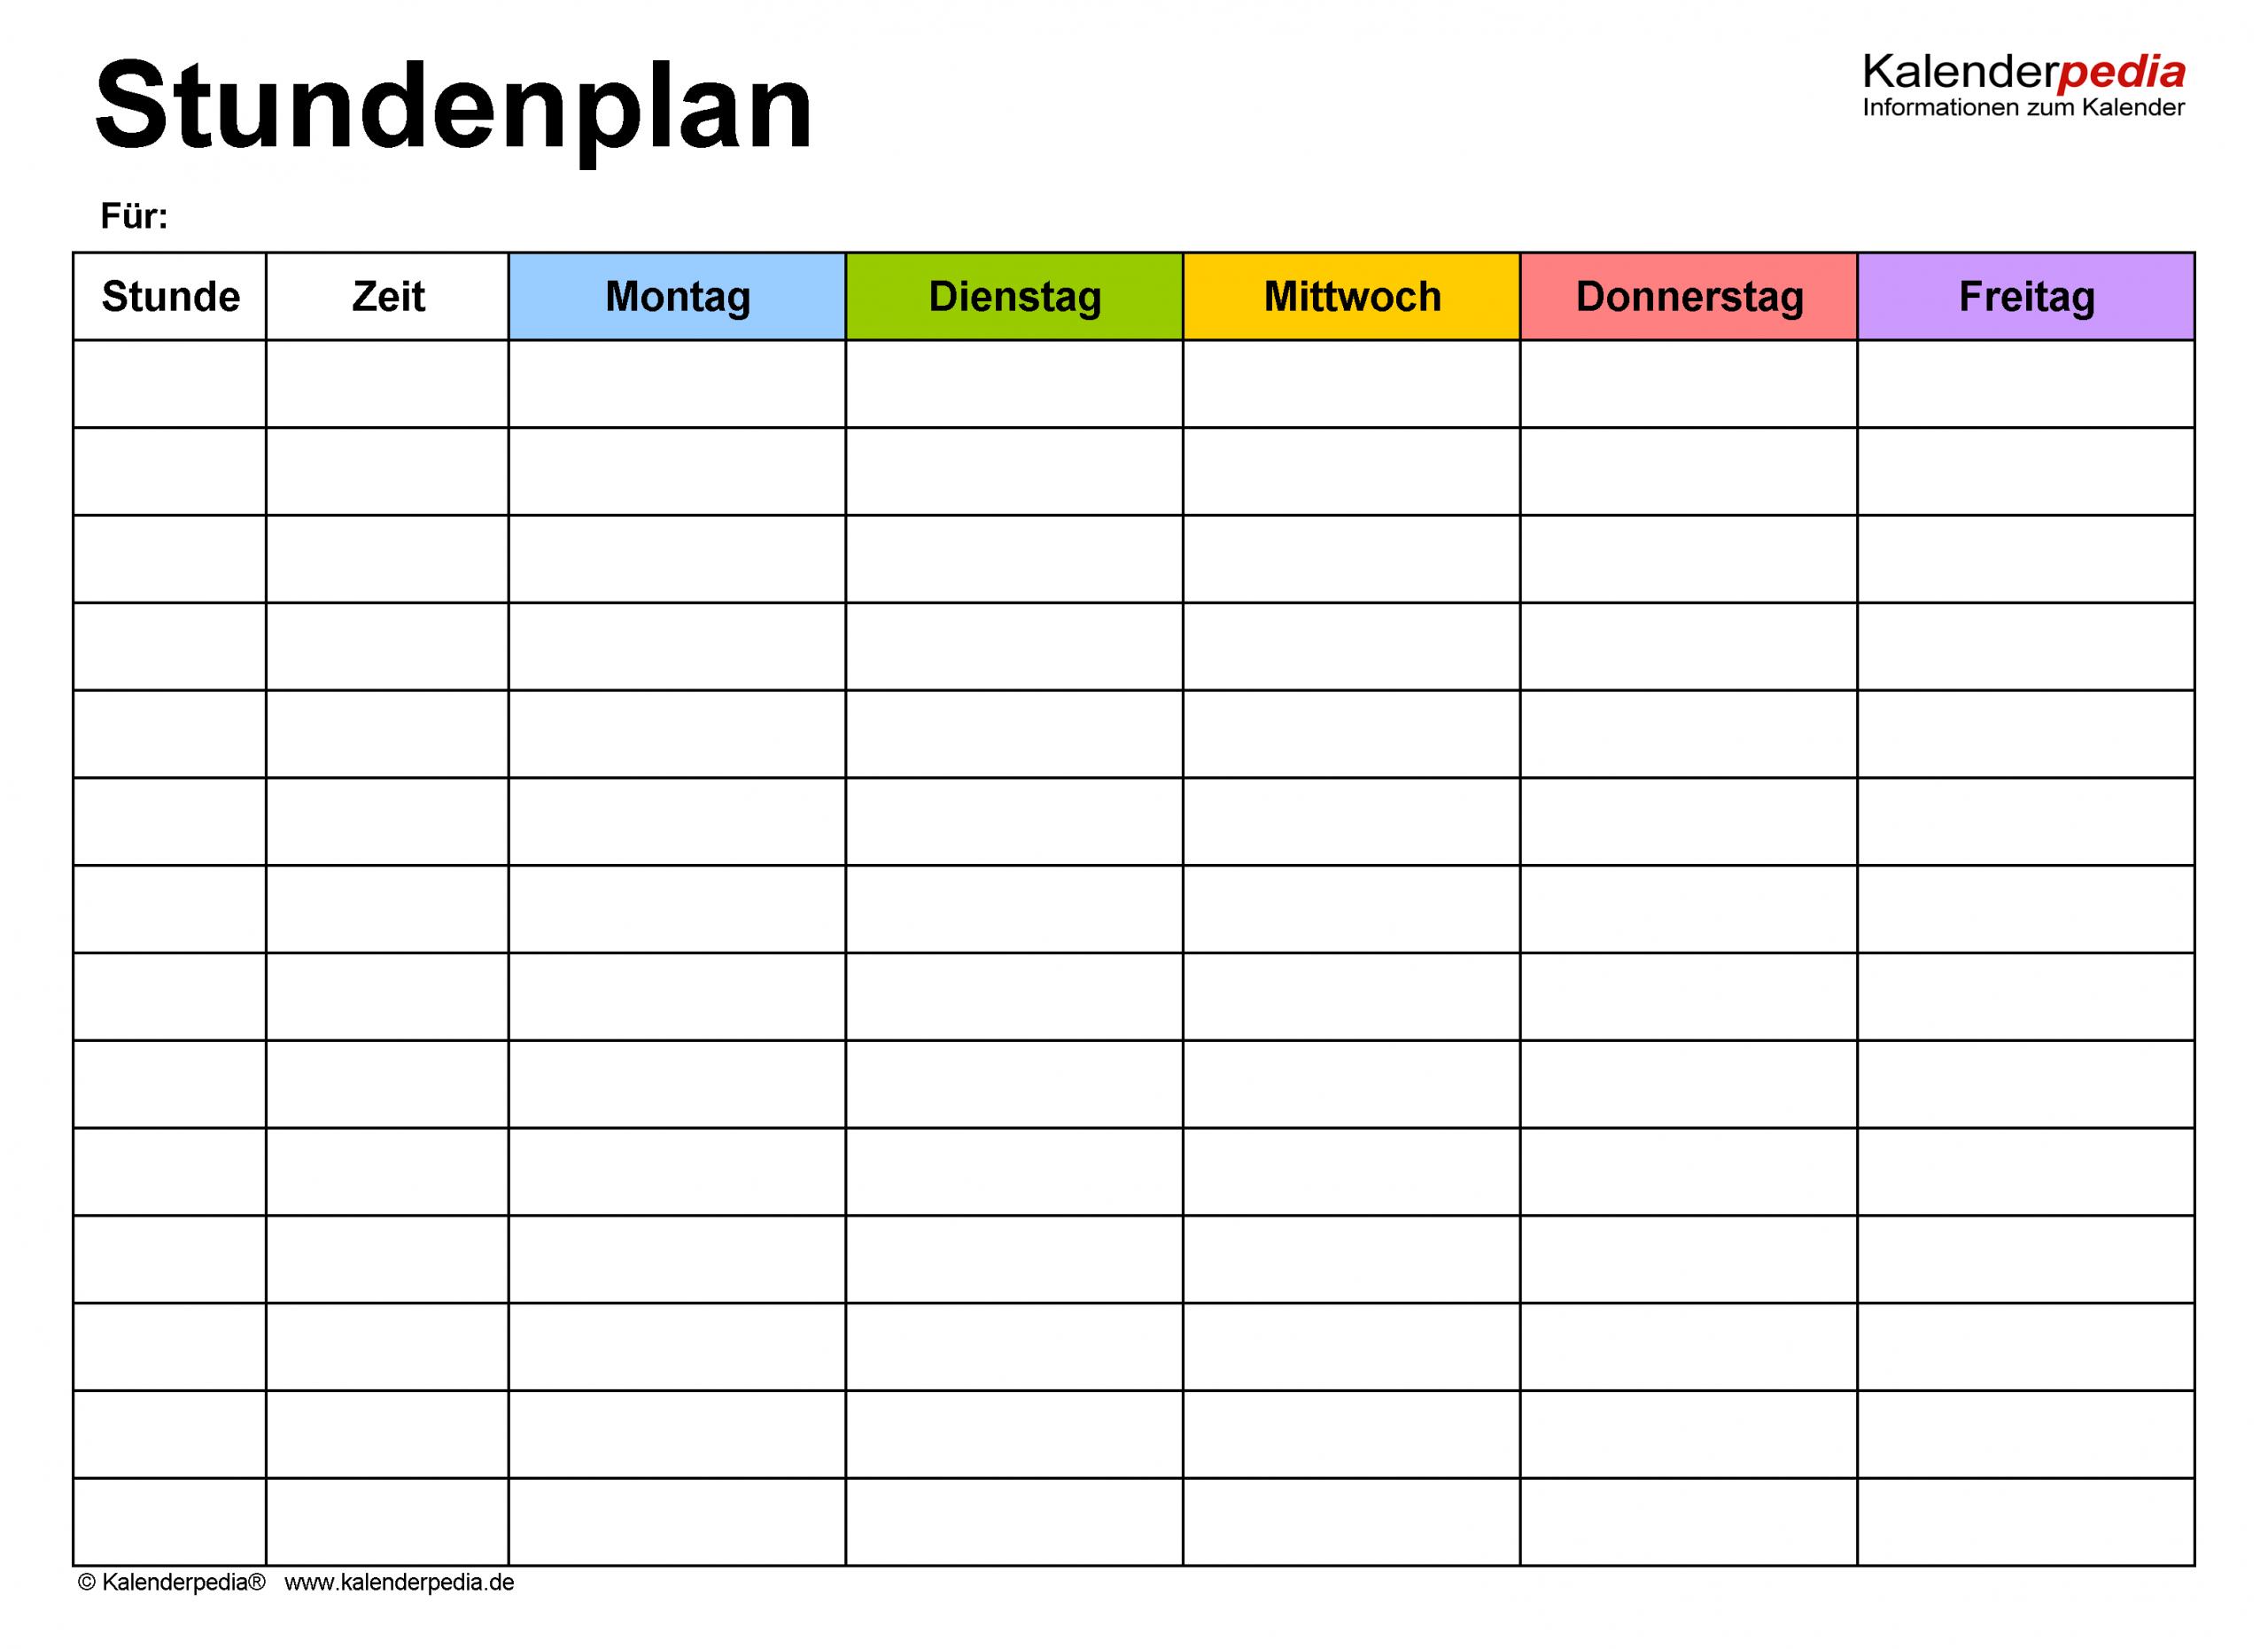 Stundenplan-Vorlagen Excel Zum Download & Ausdrucken (Kostenlos) über Stundenplan Online Erstellen Kostenlos